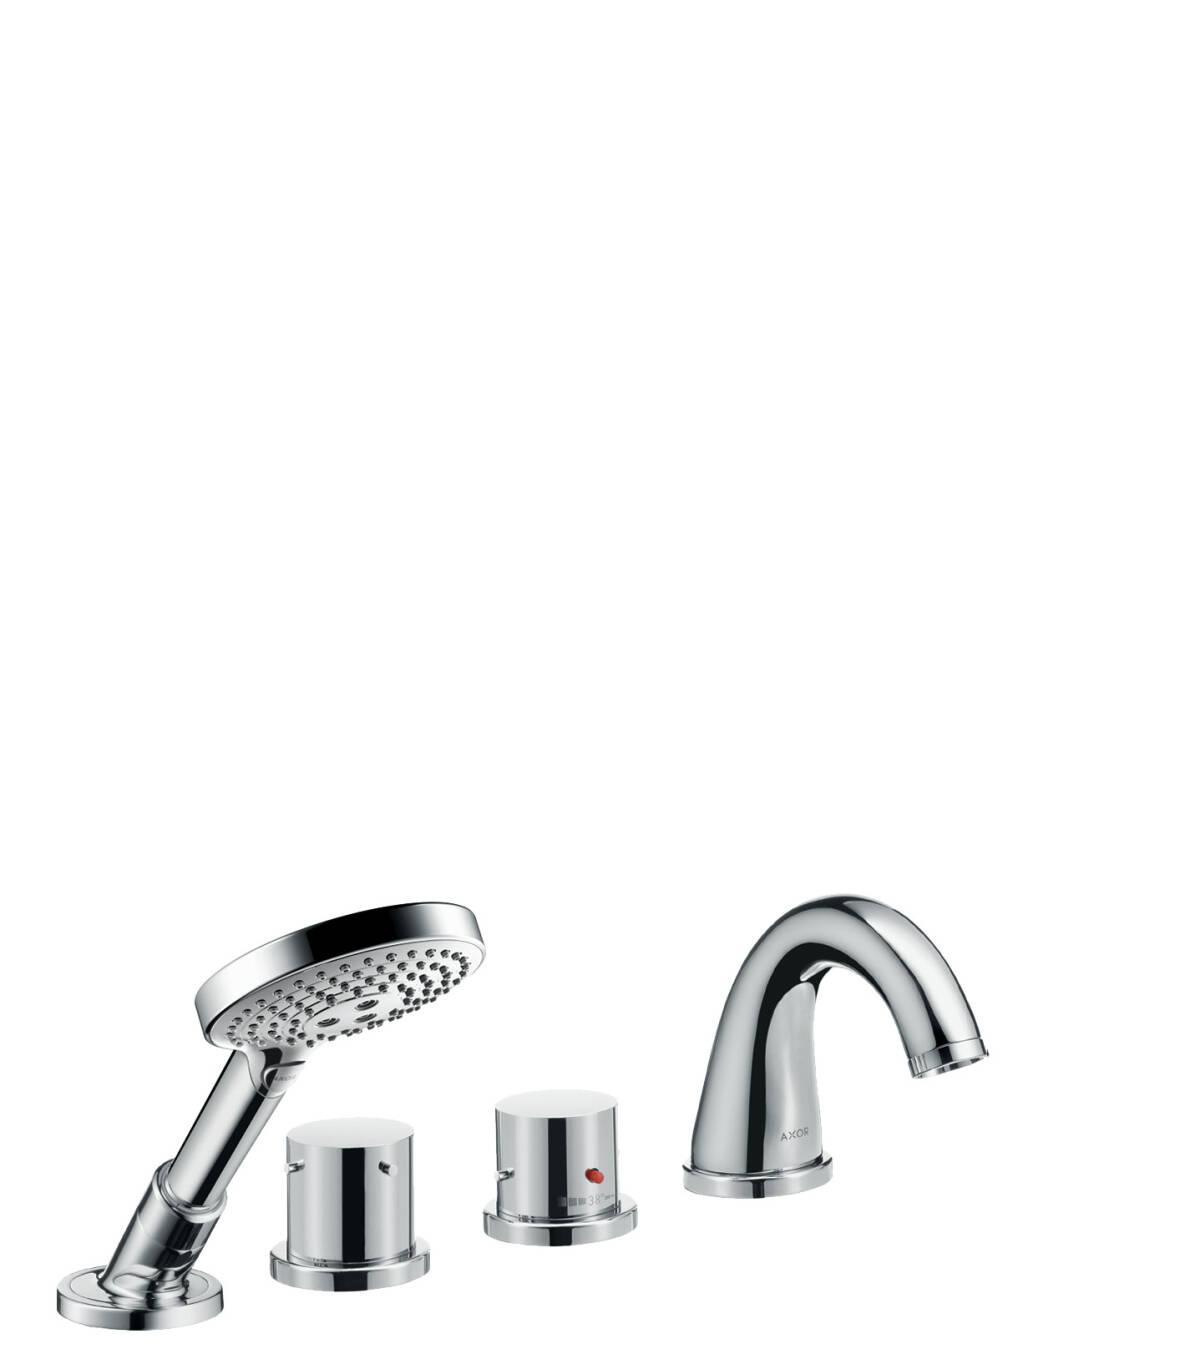 Grifería termostática de 4 agujeros para montaje sobre borde de bañera, cromo pulido, 10461020